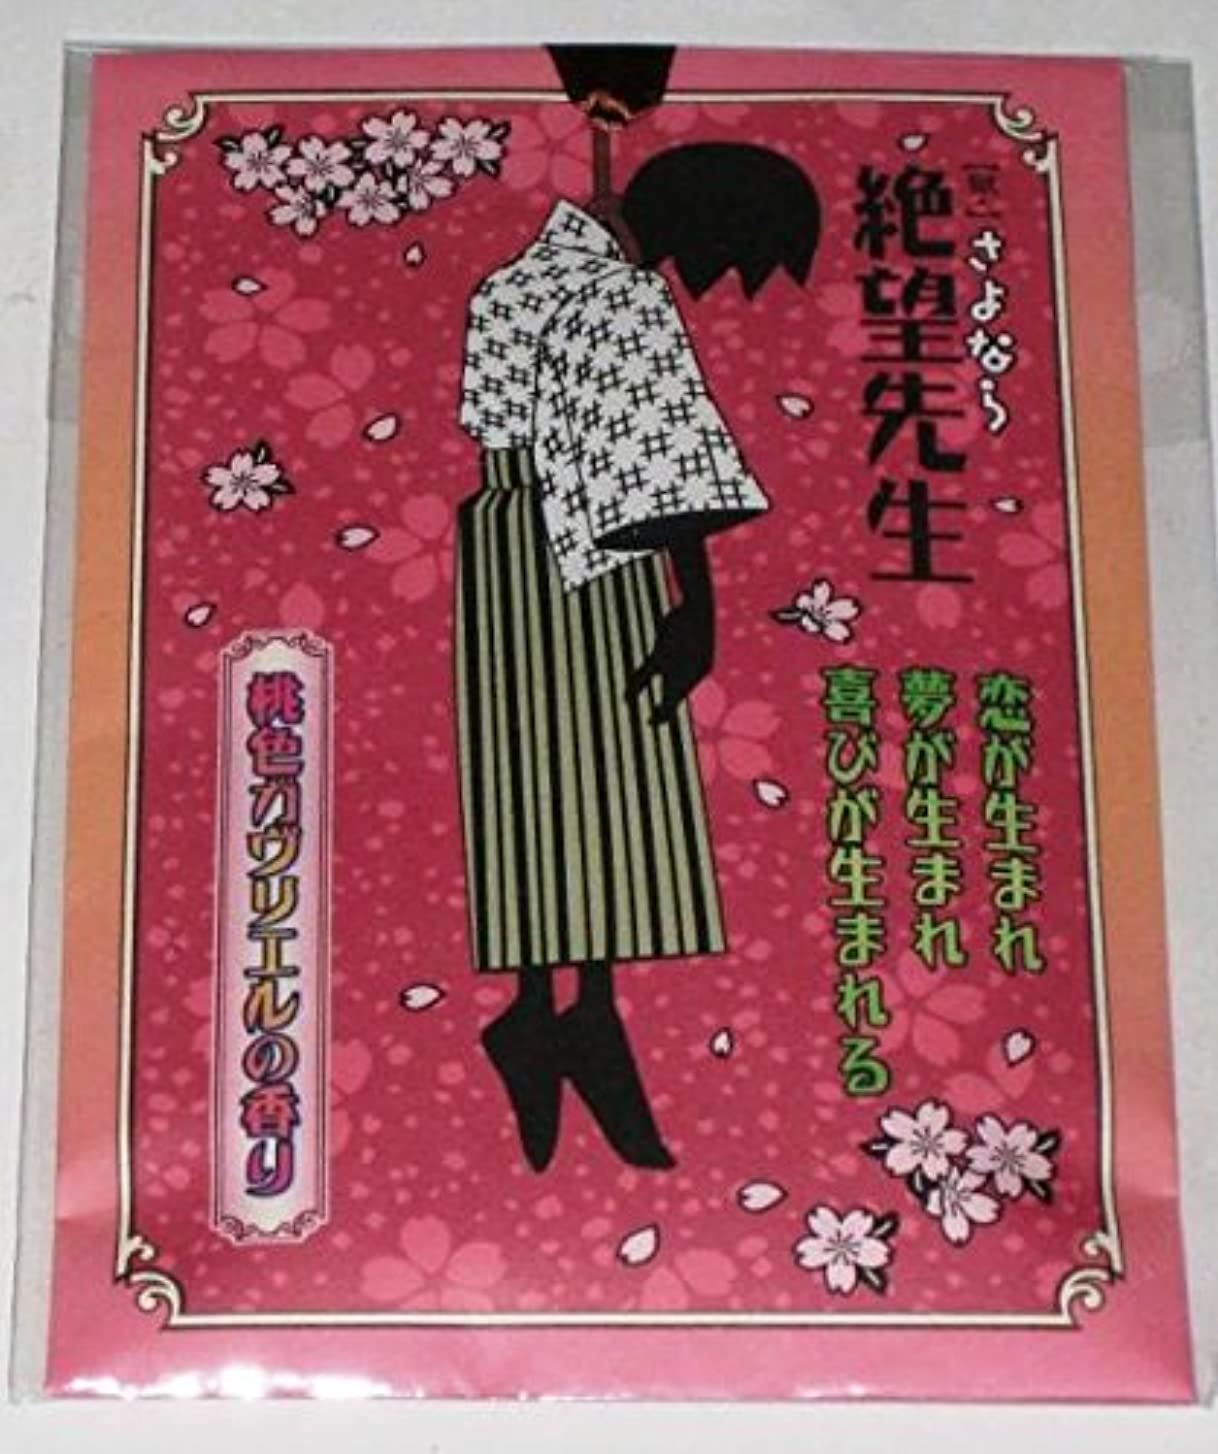 雇用続けるストレージ久米田康治「獄?さよなら絶望先生」香り袋/桃色ガヴリエルの香